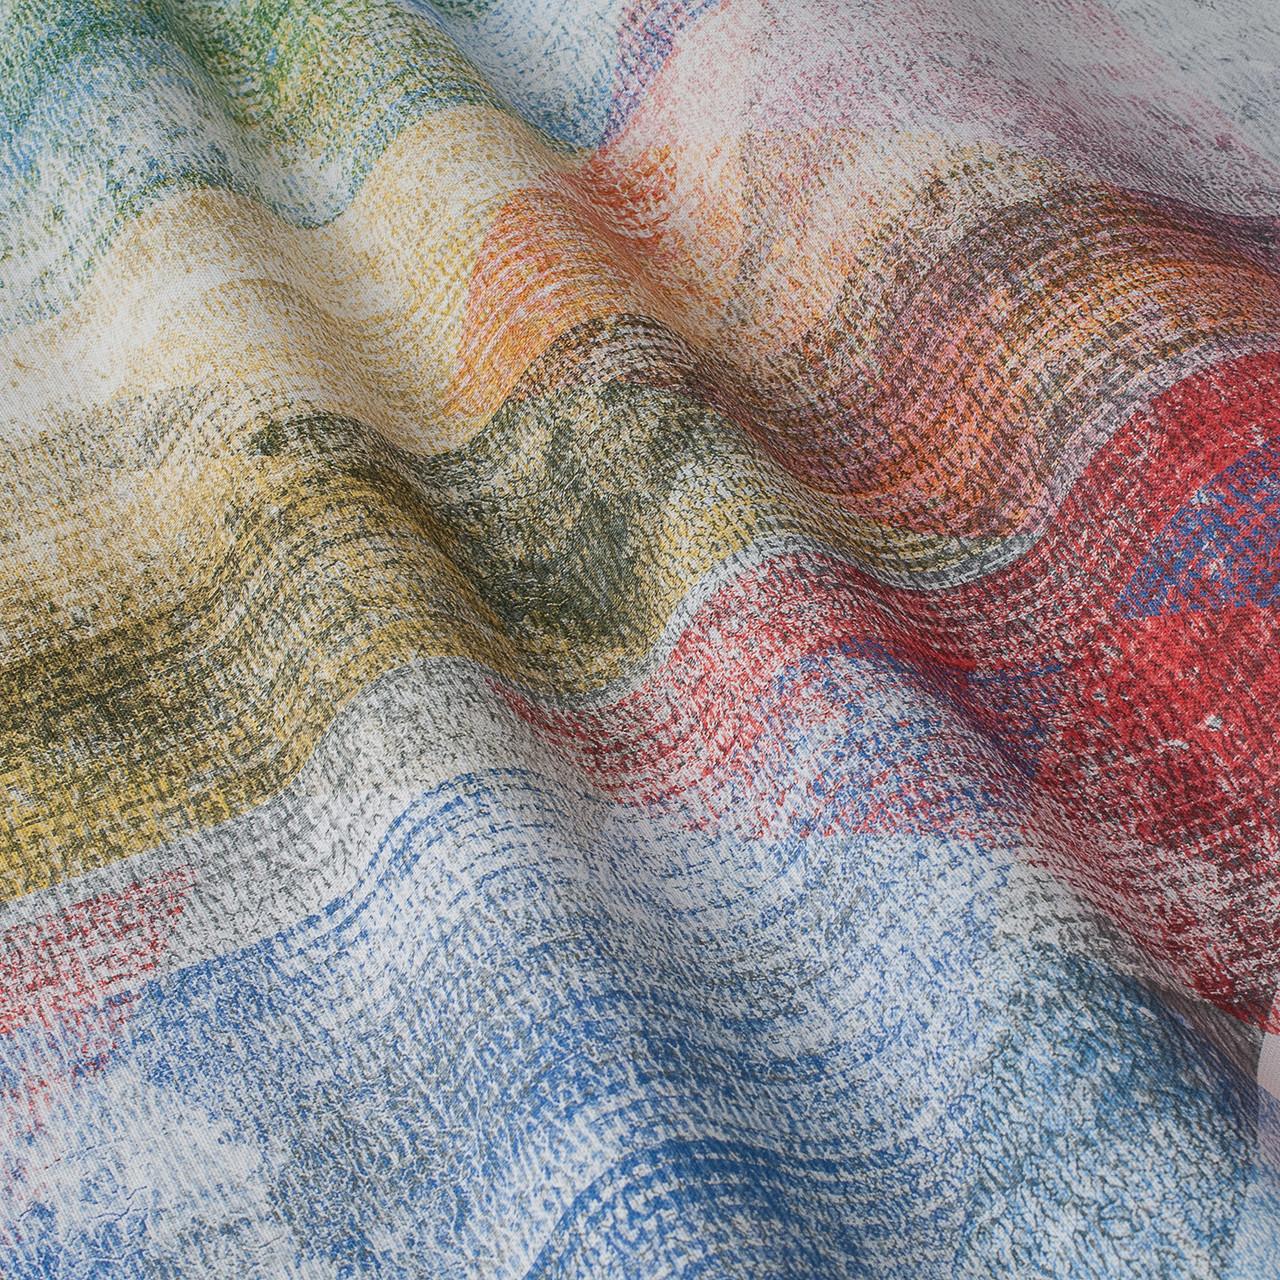 Декоративная ткань с крупными разноцветными ромбами в размытом исполнении Испания 84644v1